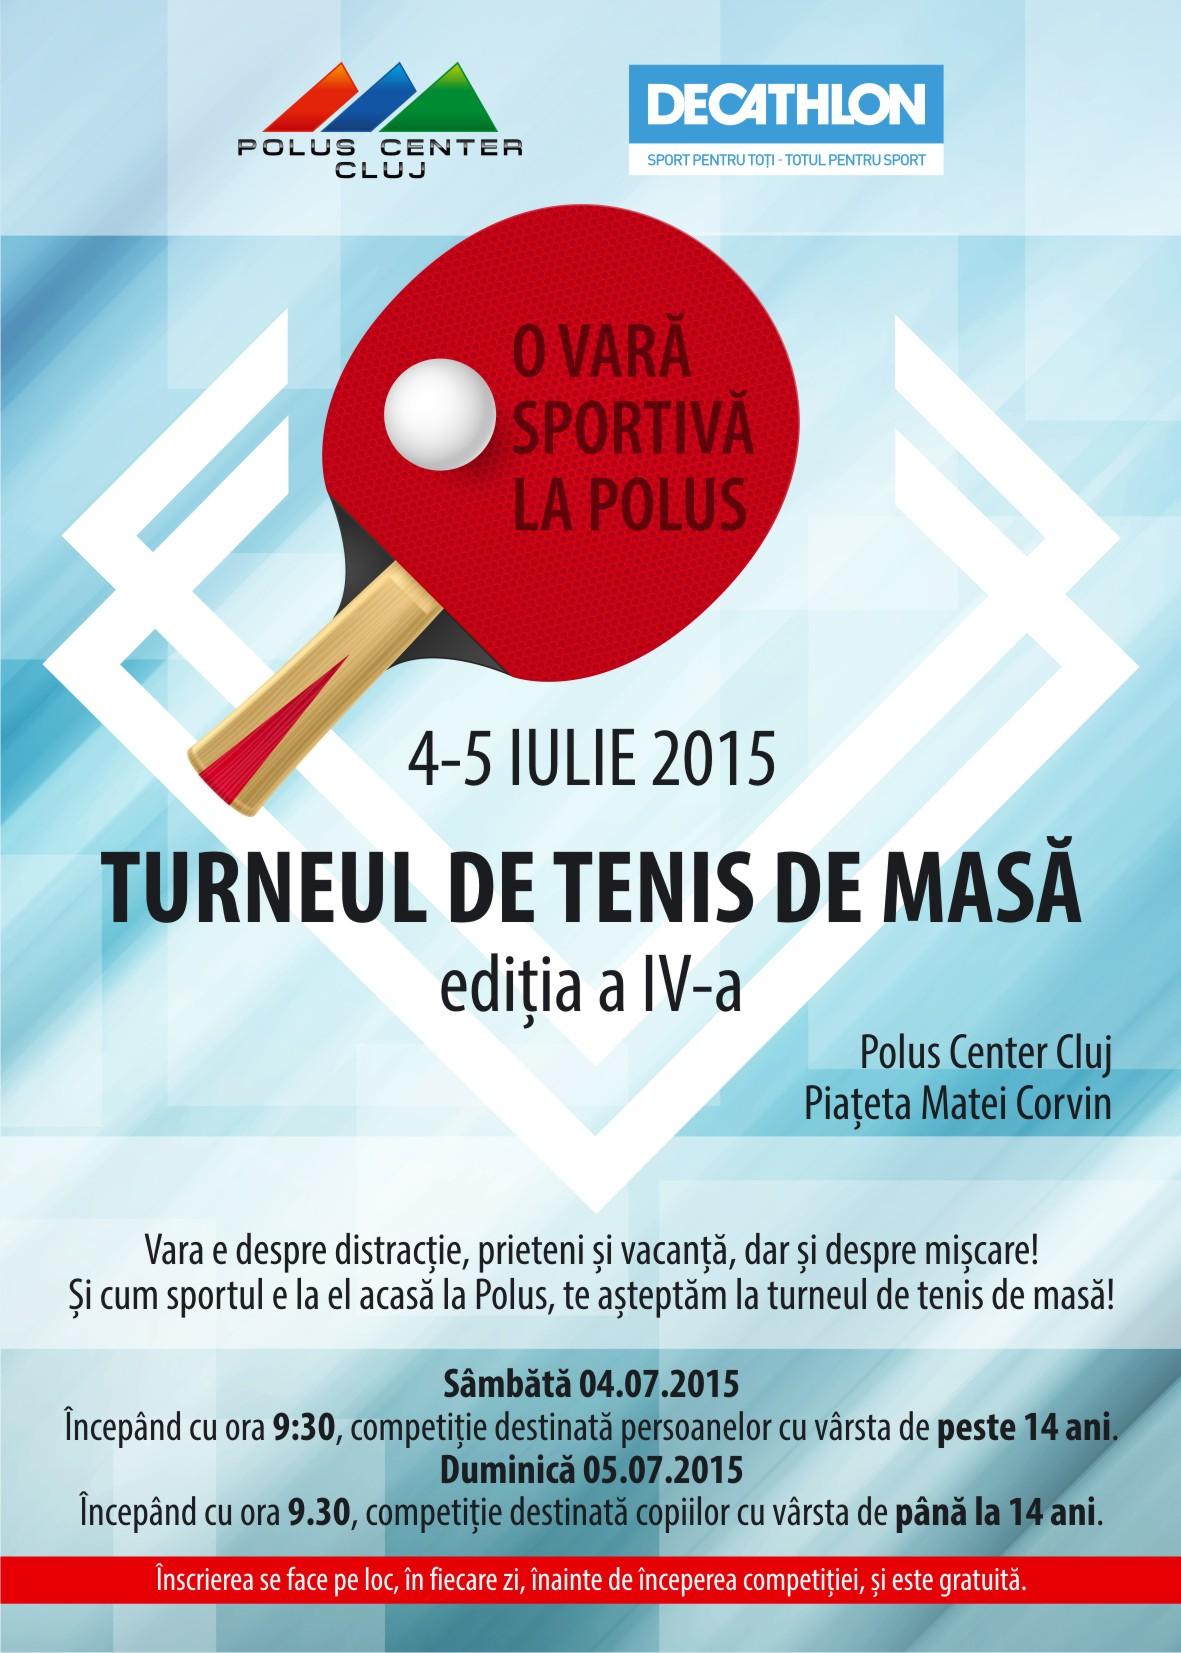 Turneu de tenis de masa la Polus Center - editia a 4-a